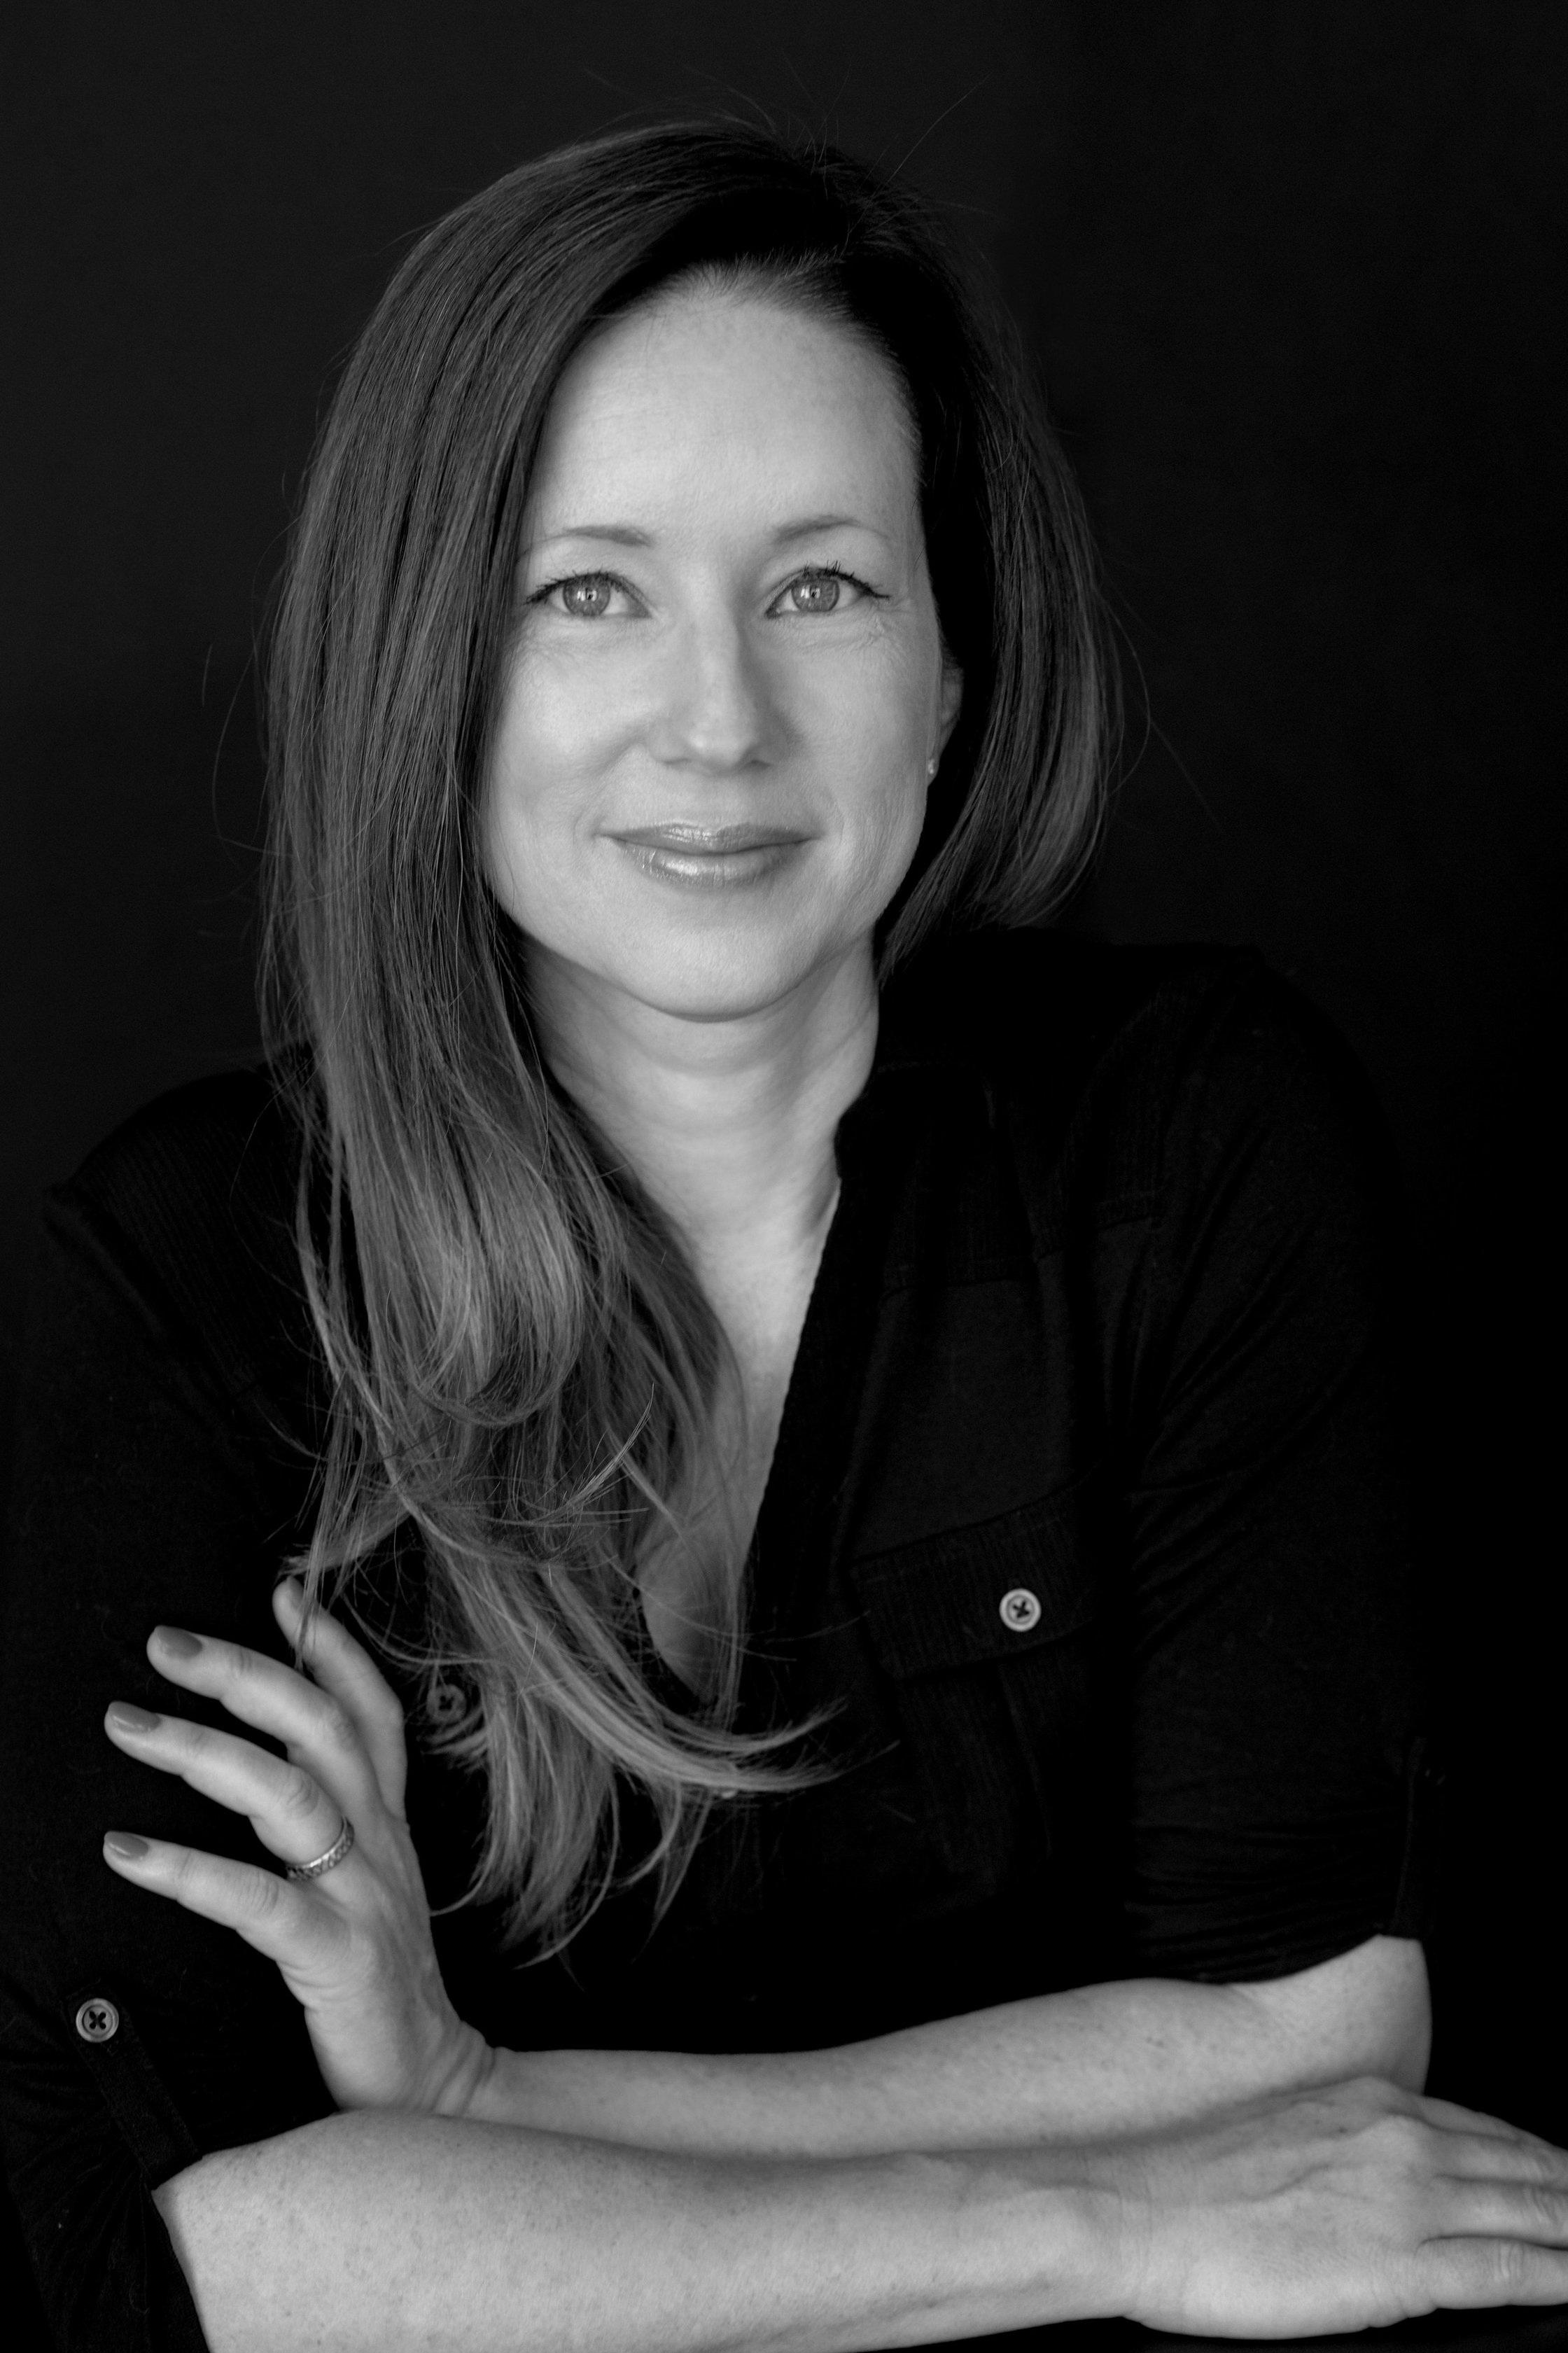 Corinne - Skin Specialist - Founder